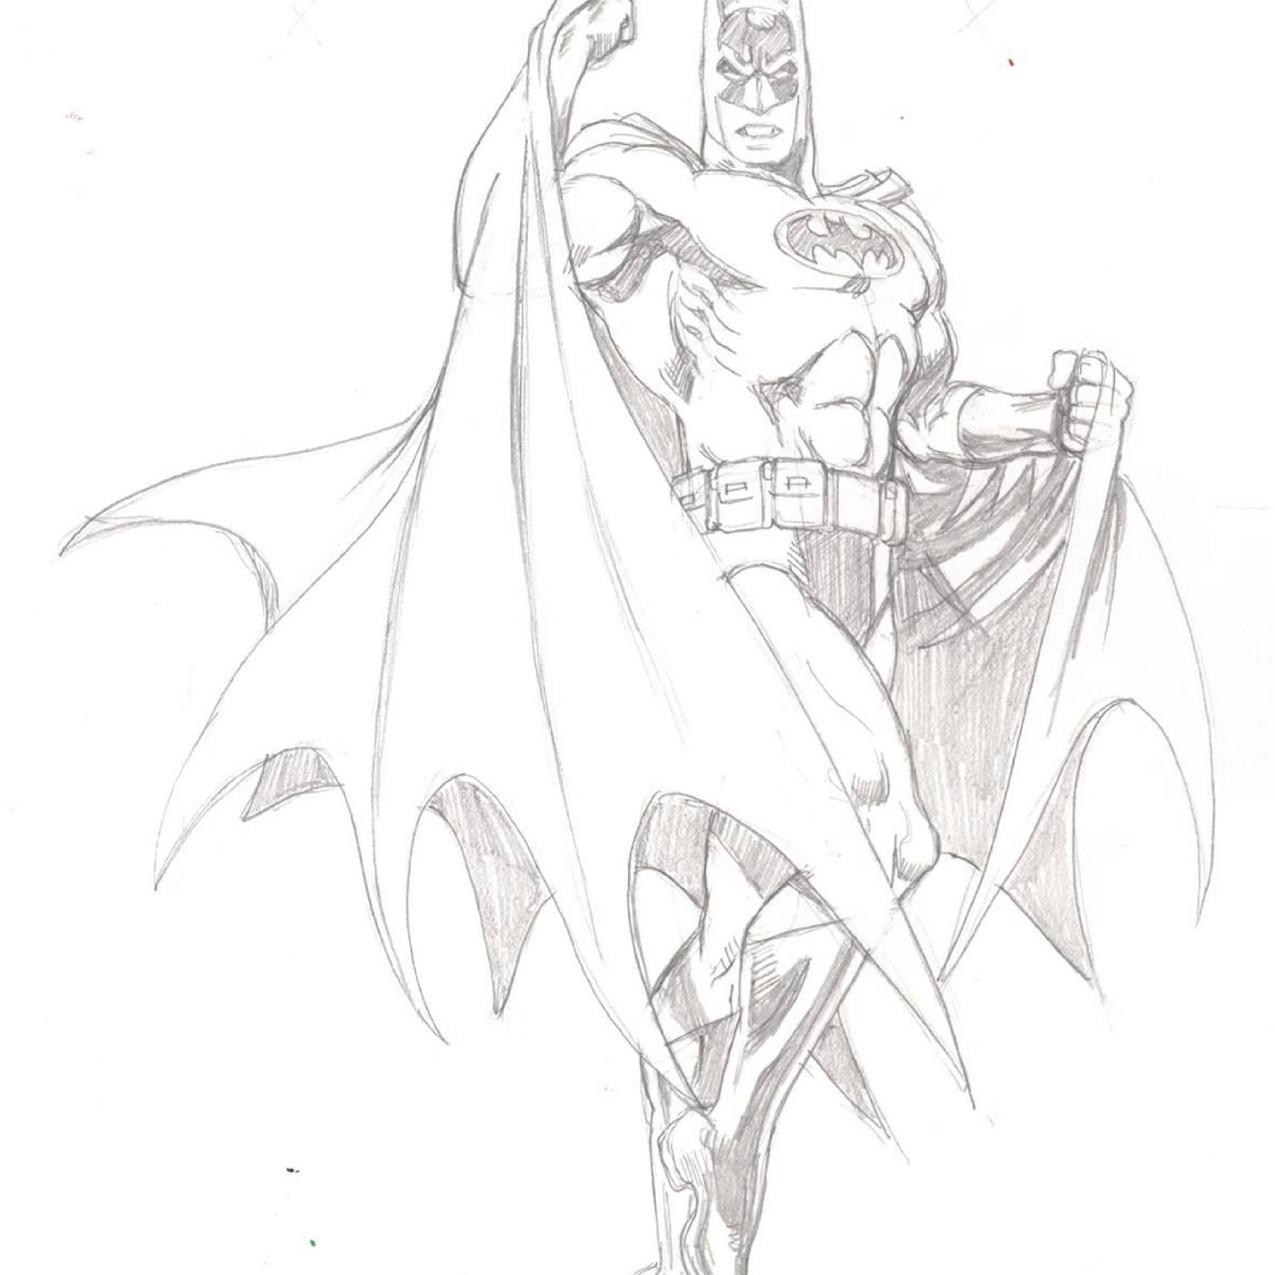 Batman pencils by Garcia Lopez